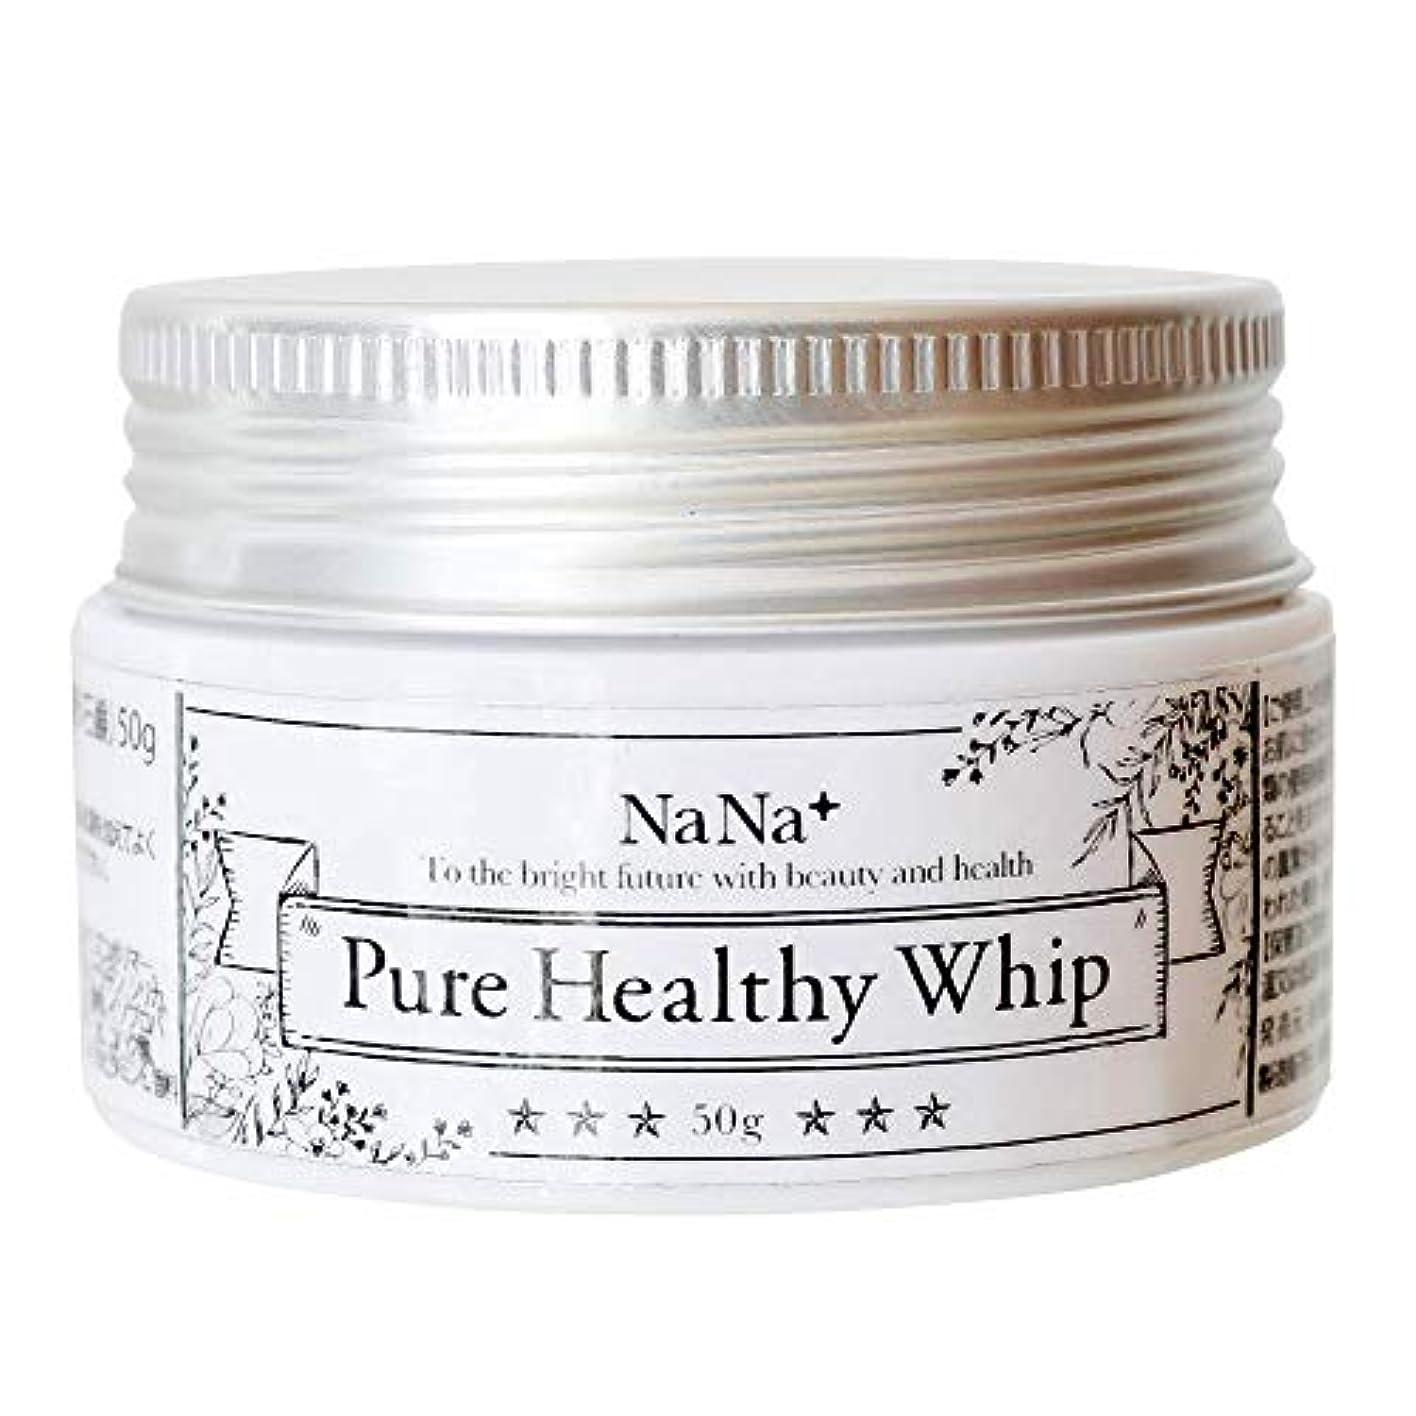 解決ぬいぐるみ正当な洗顔 生せっけん 敏感肌 乾燥肌 の 毛穴 くすみ 黒ずみ ケア 肌に優しい無添加  nana+ピュアヘルシーホイップ